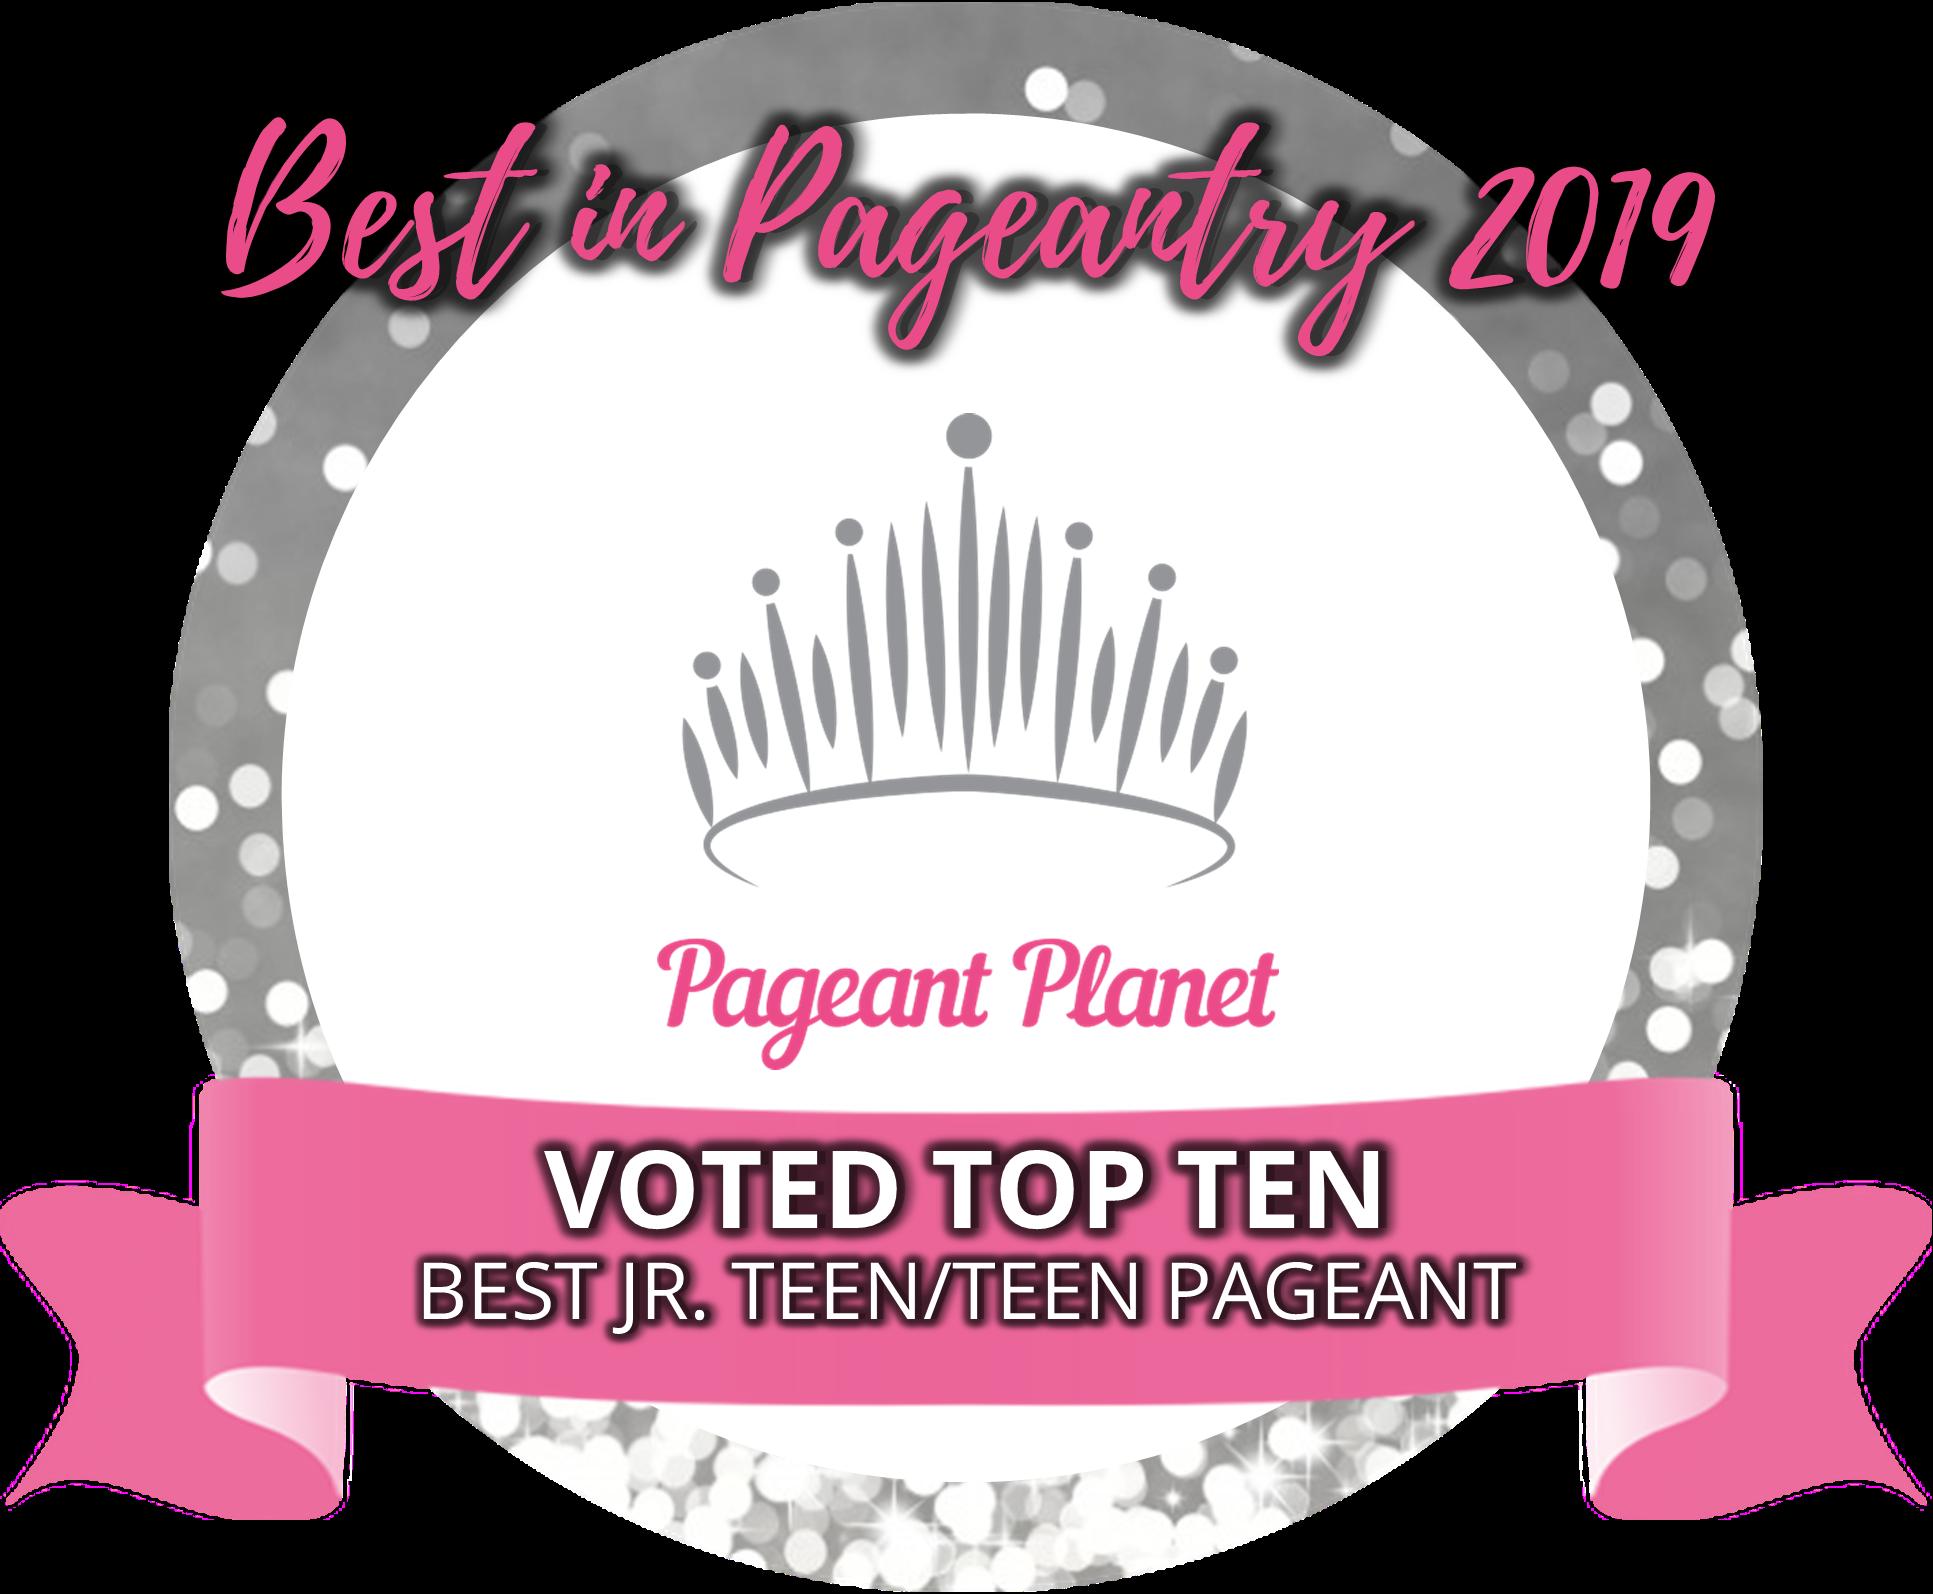 Top 10 Teen Pageants of 2019